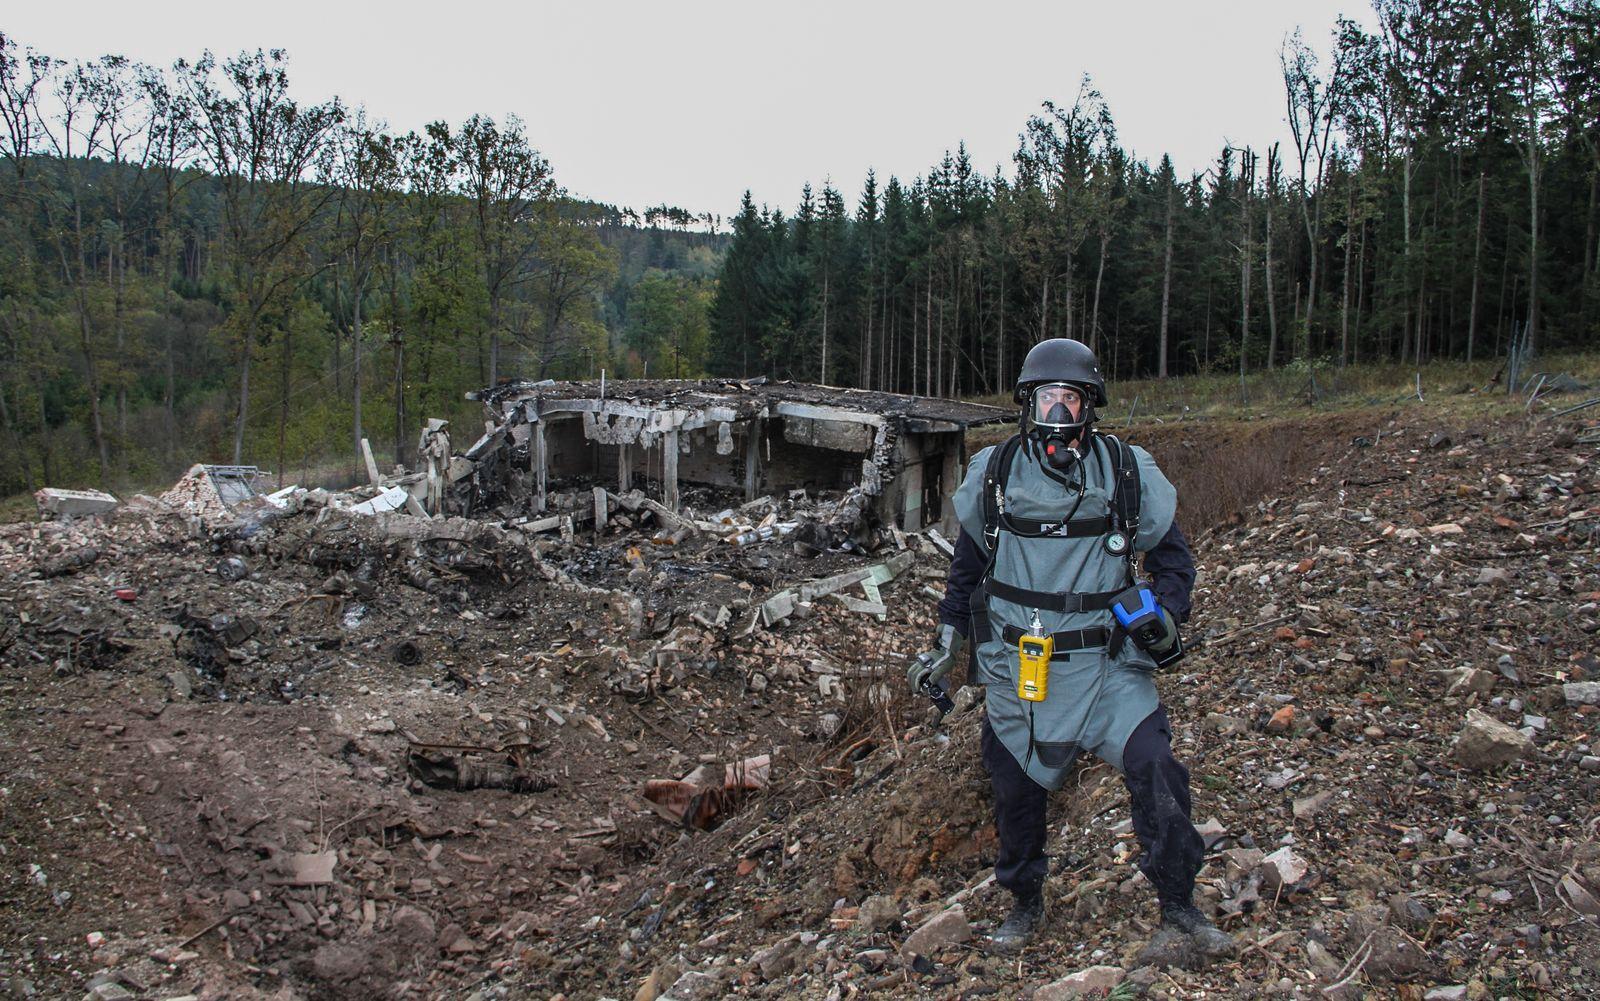 Czech Republic expels eighteen Russian diplomats following investigation into ammunition depots explosions